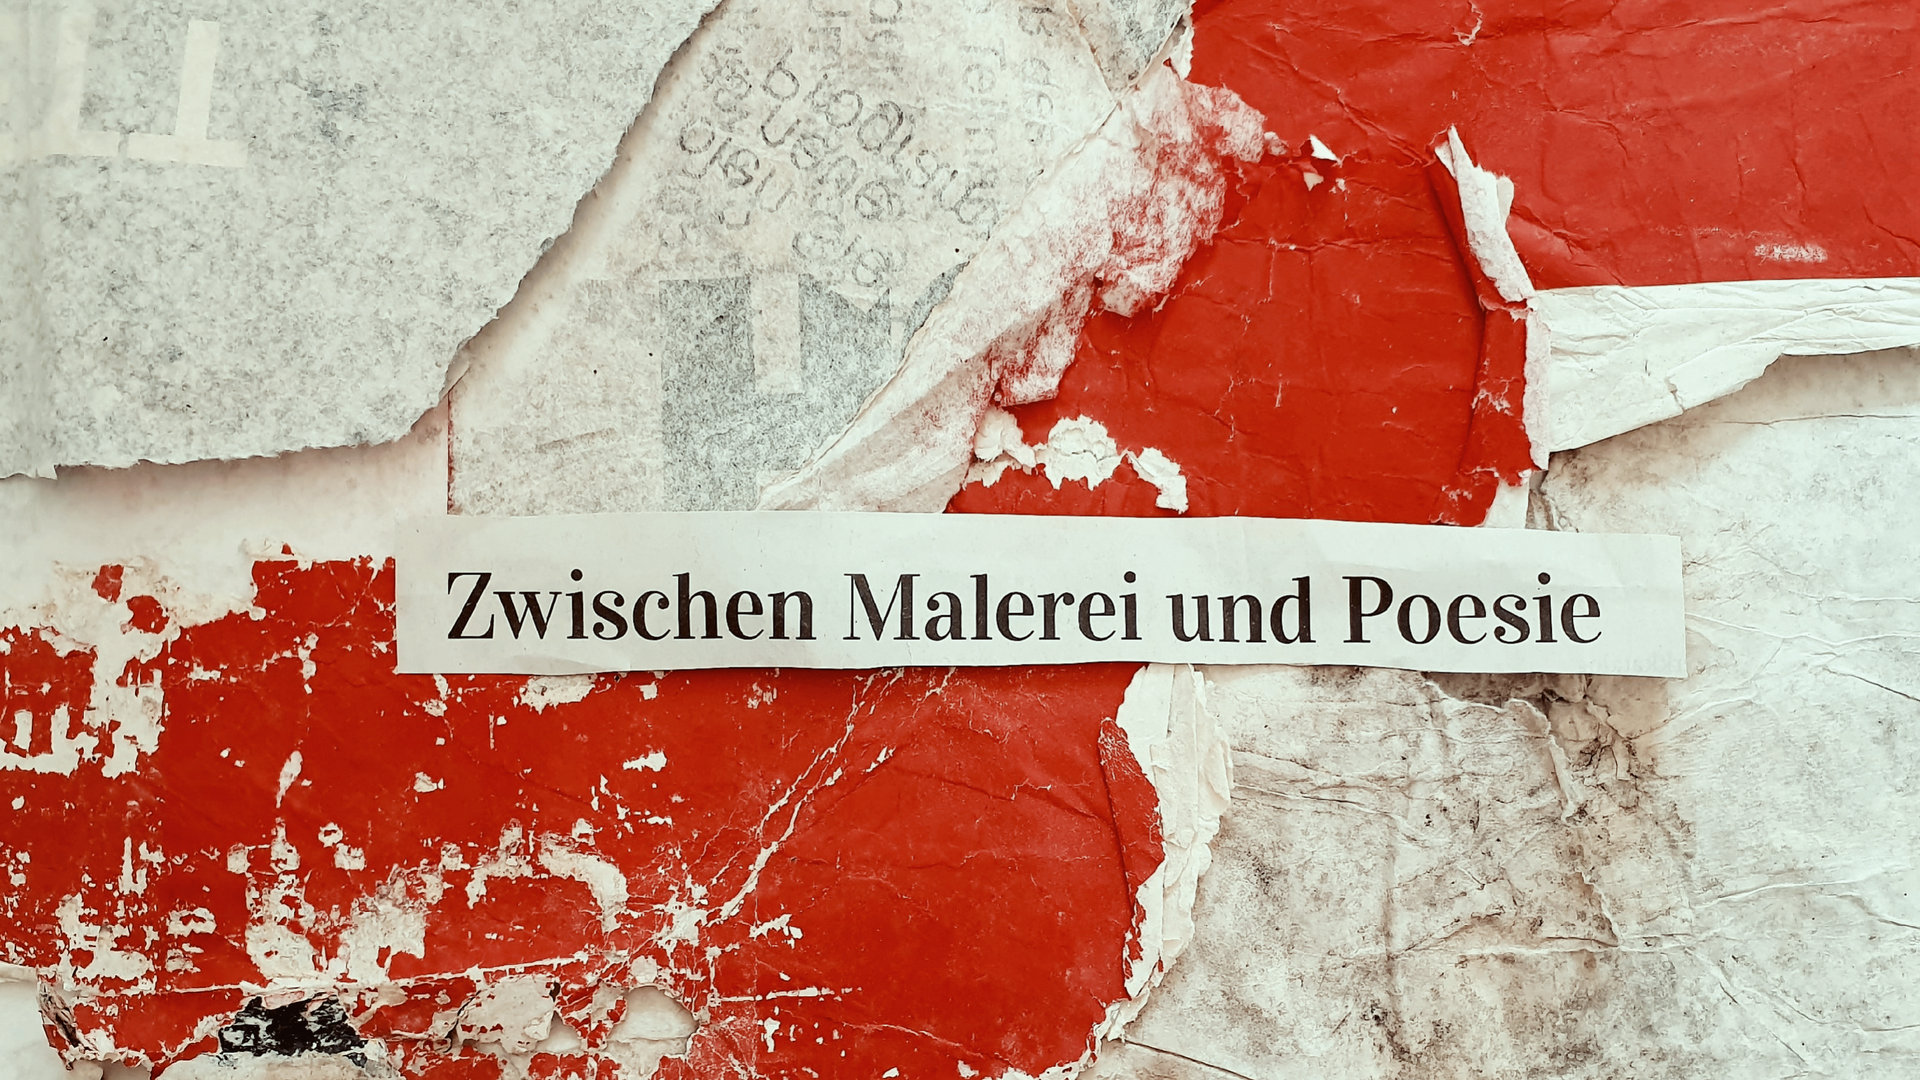 KERSTIN VERSCH - ZWISCHEN MALEREI UND POESIE !